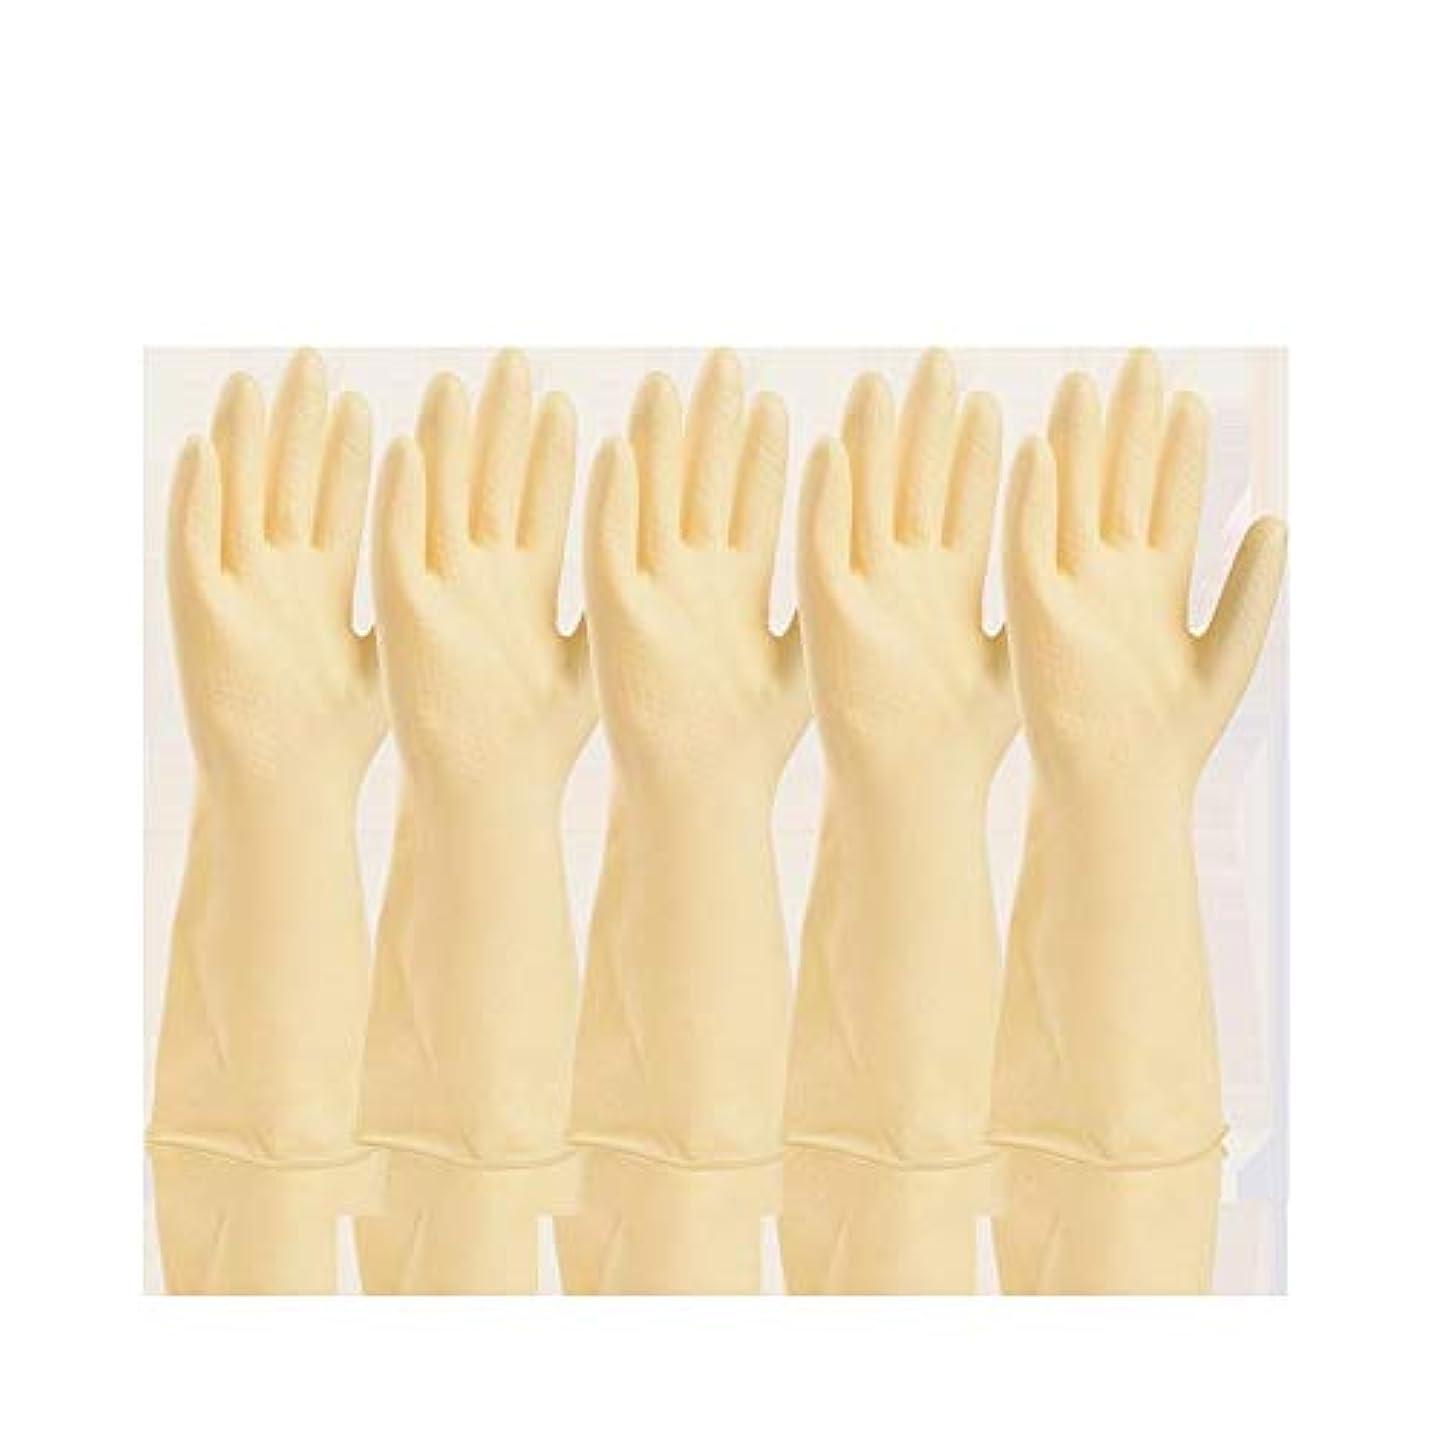 やめる意外テレビ局ニトリルゴム手袋 工業用手袋厚手のプラスチック製保護用耐水性防水ラテックス手袋、5ペア 使い捨て手袋 (Color : White, Size : L)